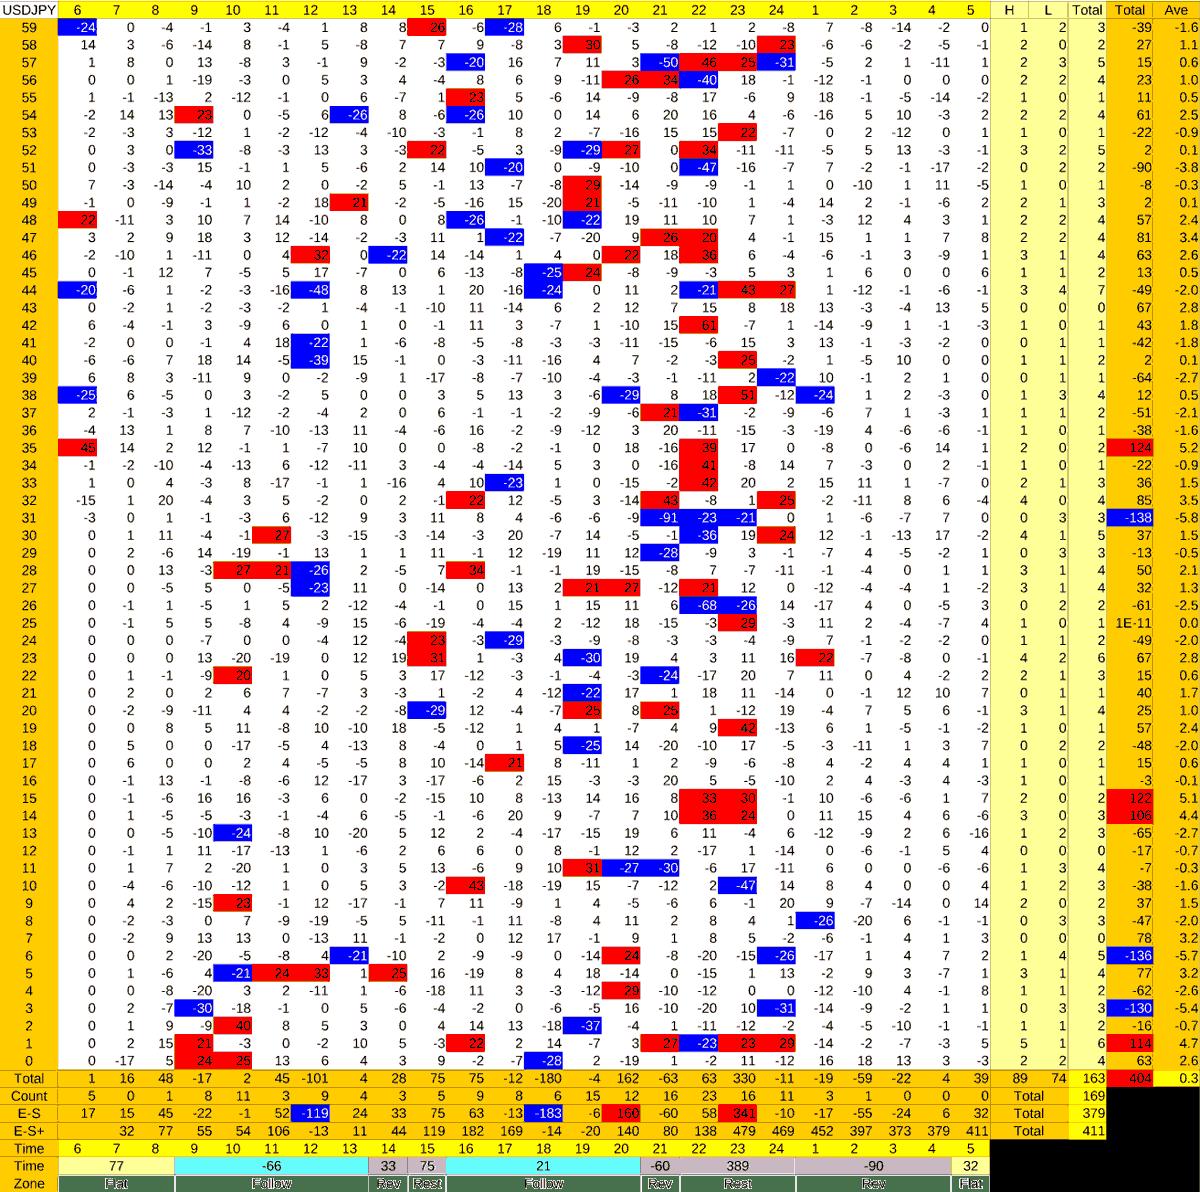 20210720_HS(1)USDJPY